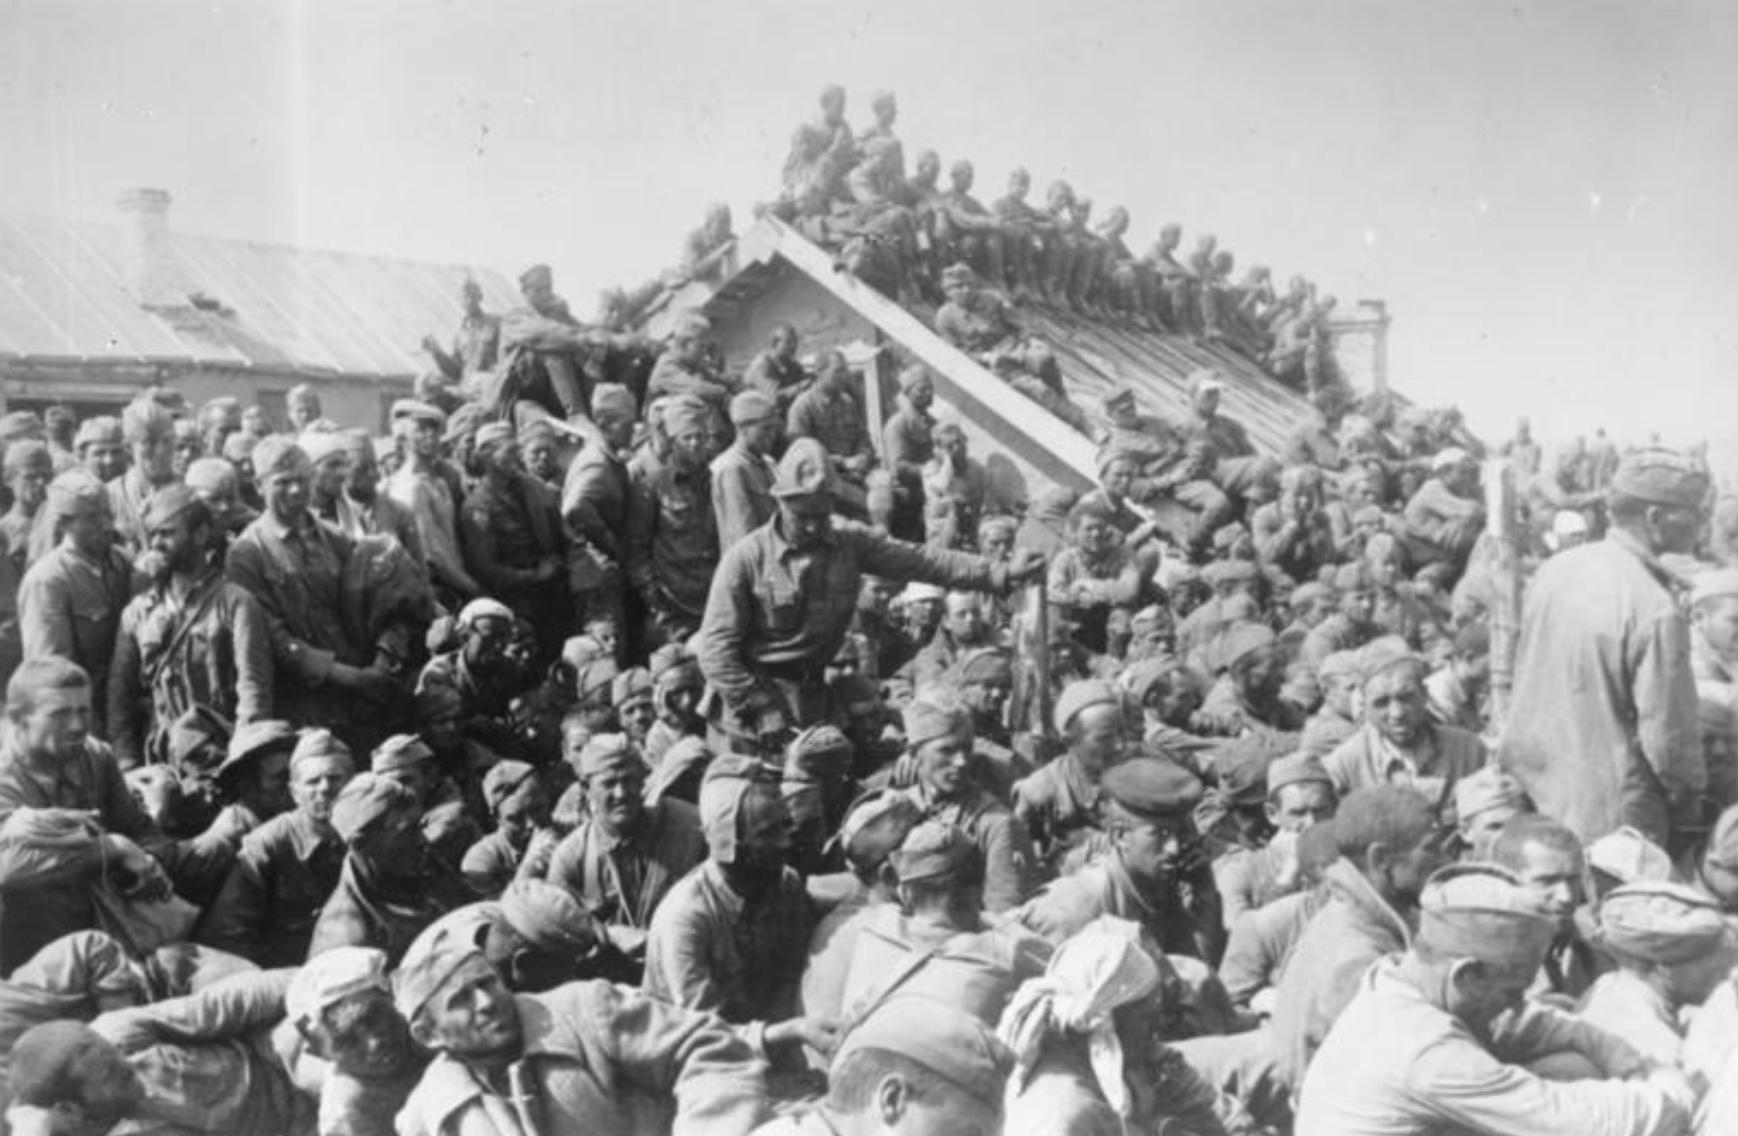 Image d'illustration. Camp de transit surpeuplé près de Smolensk, Russie, en août 1941